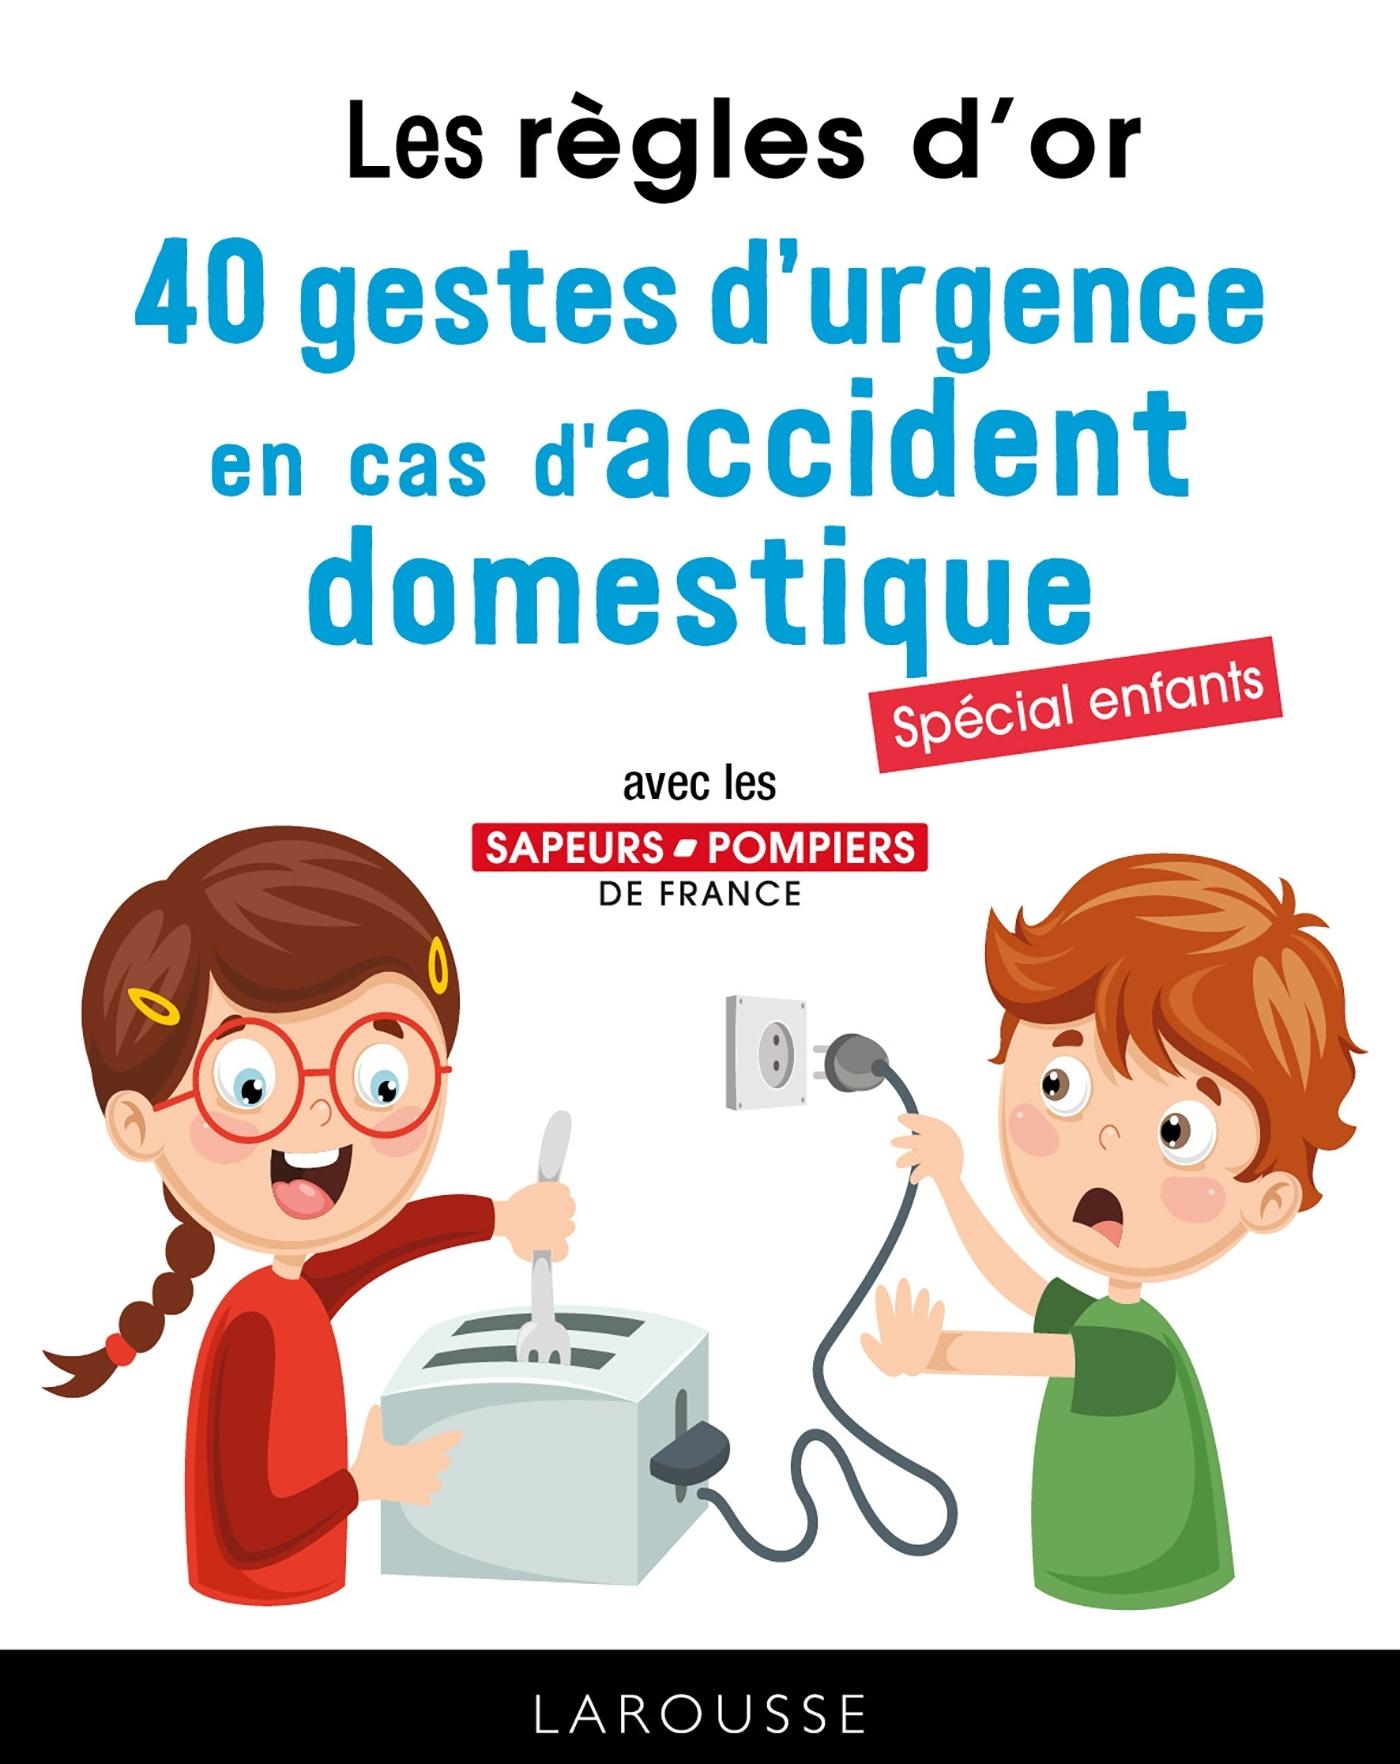 50 REGLES D'OR EN CAS D'URGENCE - TOUT CONNAITRE DES GESTES QUI SAUVENT